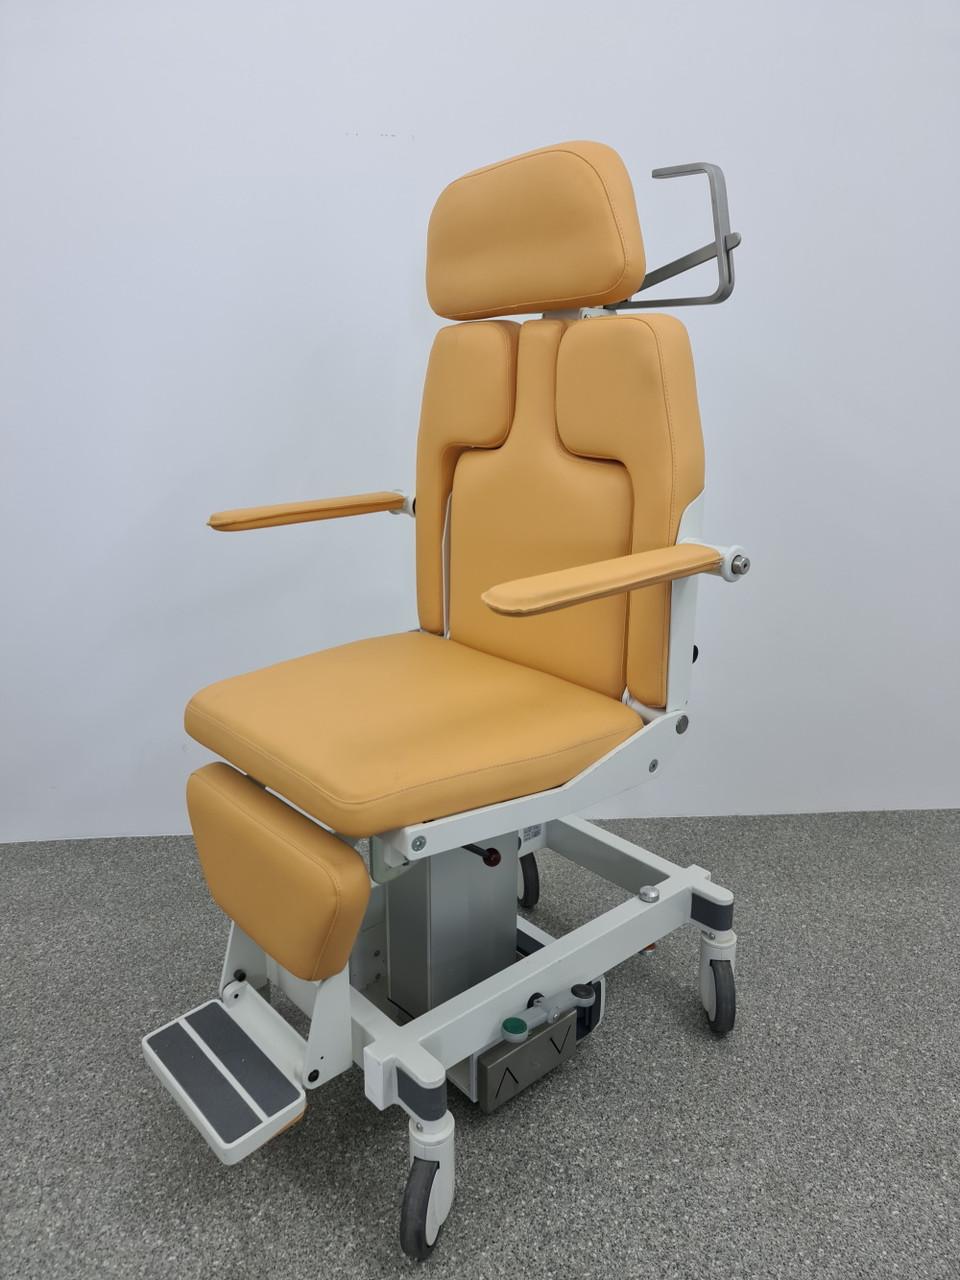 Крісло для біопсії / мамографії грудей AKRUS AK 5010 MBS